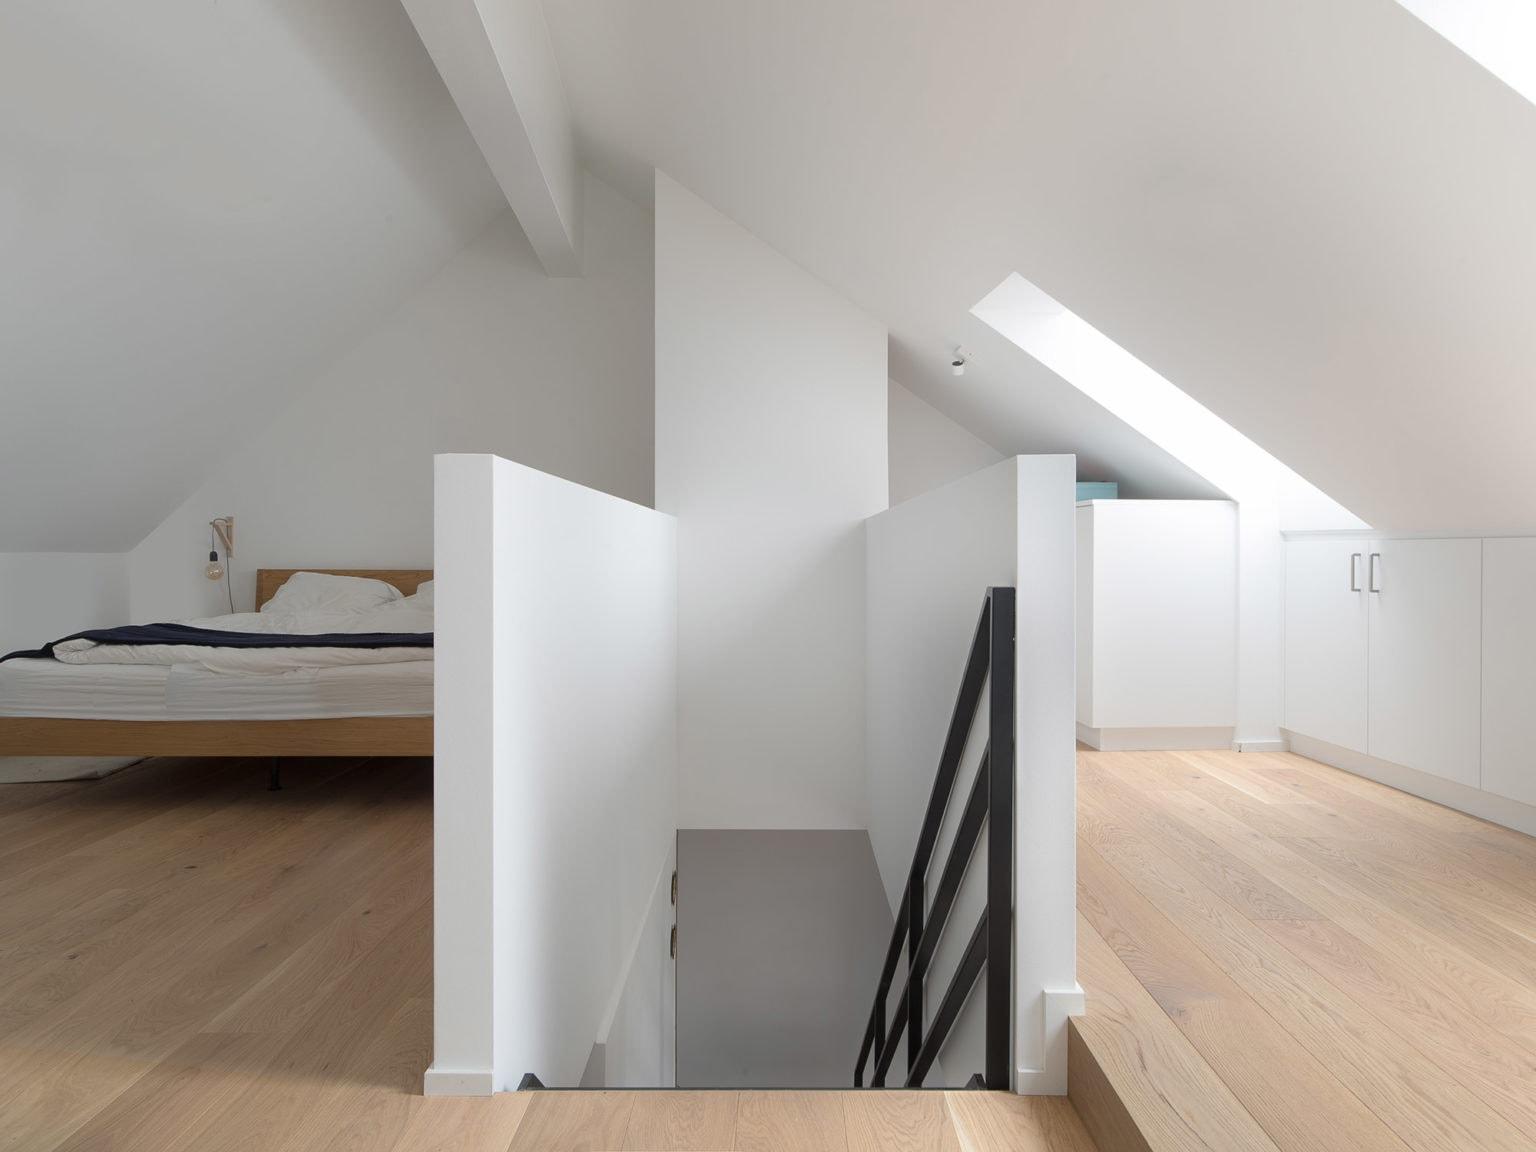 architecture représentant une composition d'architecture pour mettre en avant les travaux d'entreprise